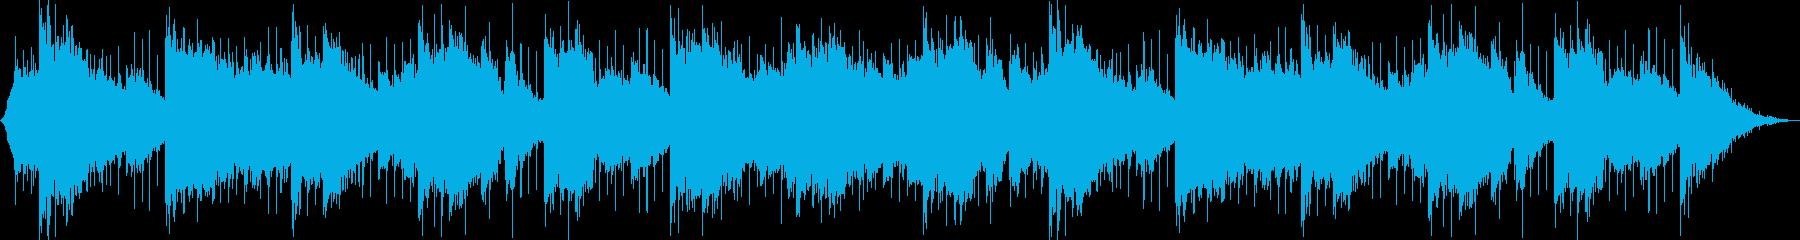 北欧の星空を包み込むような透き通る歌声の再生済みの波形